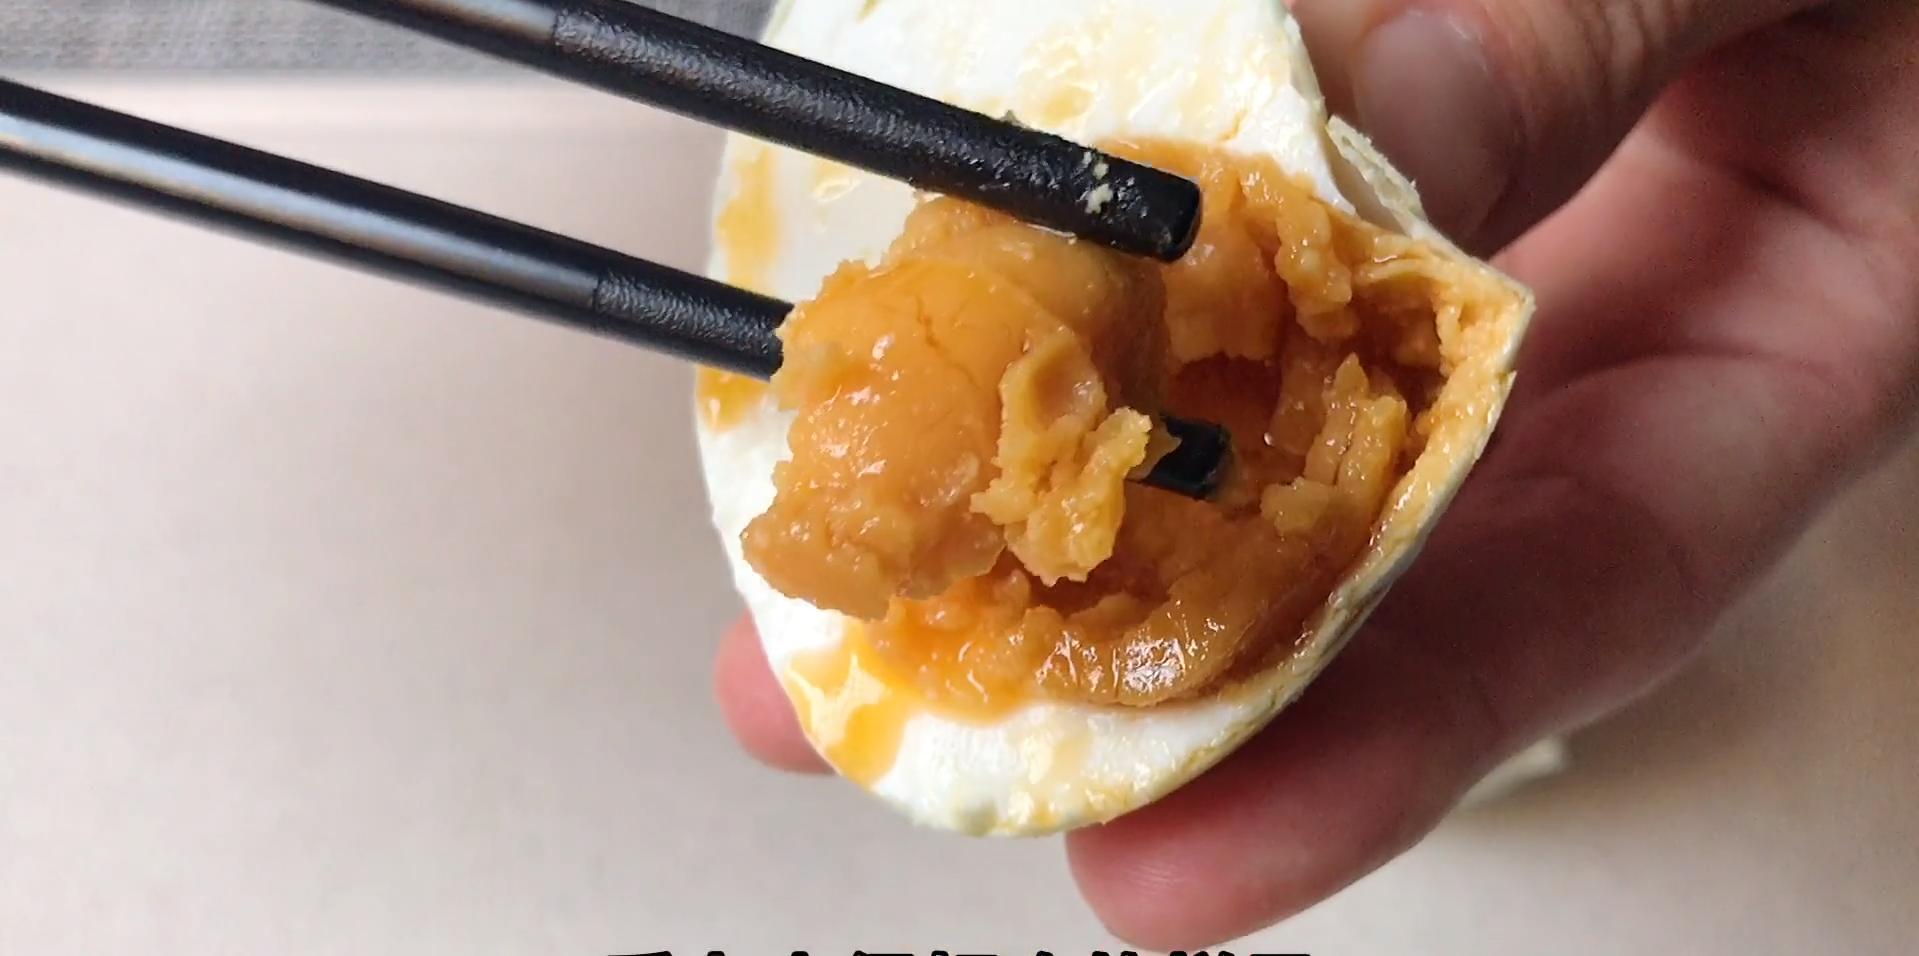 把白酒倒进鸭蛋里,真是厉害了,个个翻沙流油,吃着满嘴留香 美食做法 第18张